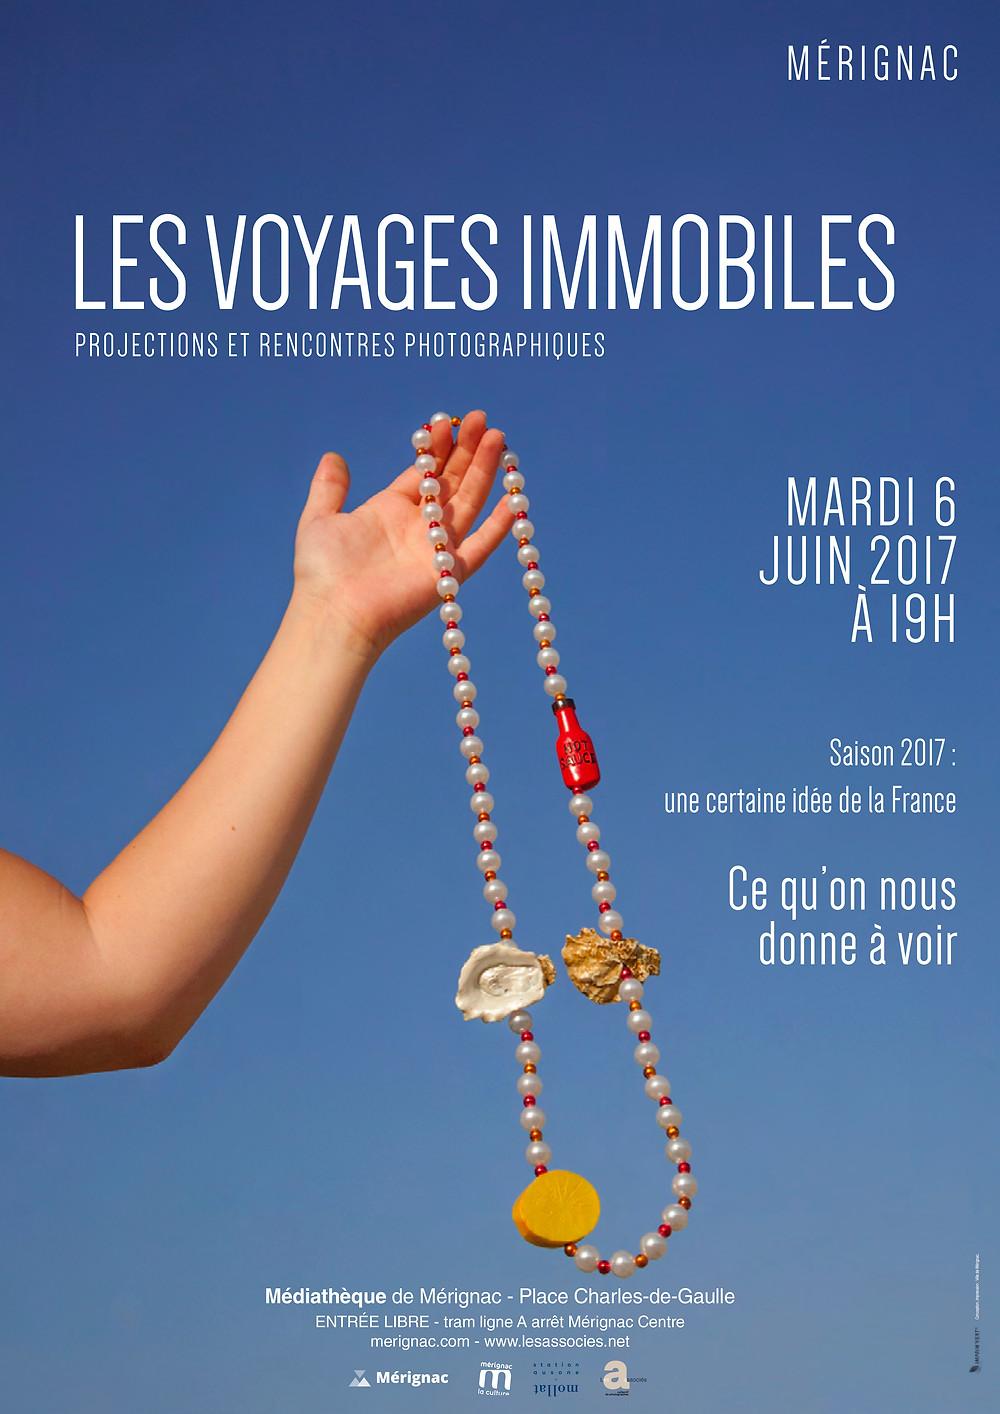 Prochain rdv des Voyages immobiles le mardi 6 juin 2017 à 19h à la médiathèque de Mérignac.